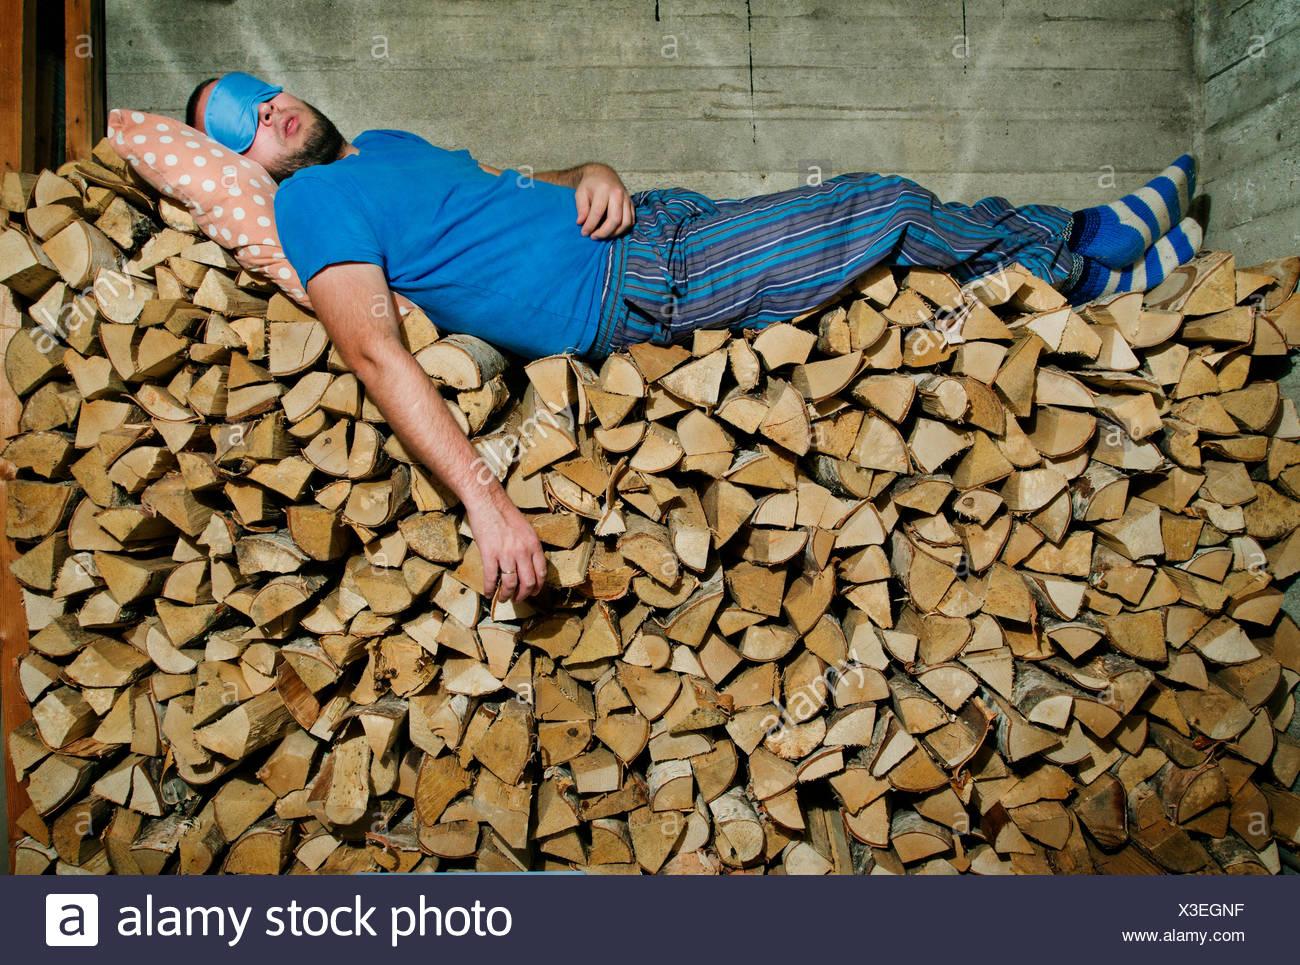 Finlandia, Heinola, hombre dormido sobre la pila de leña Foto de stock